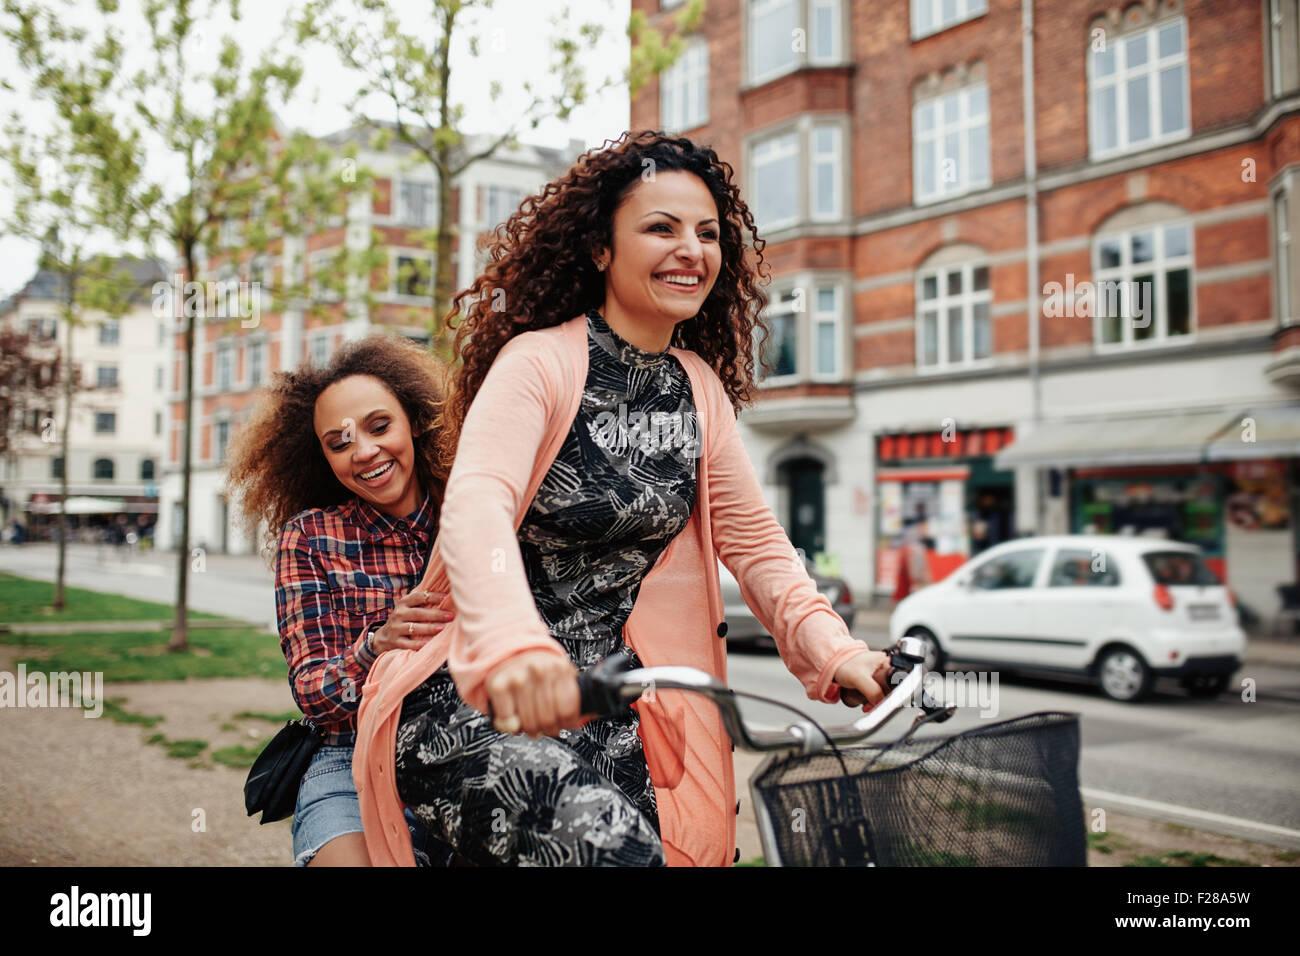 Retrato de alegres jóvenes amigos a montar una bicicleta en la ciudad. Las niñas al aire libre y disfrutar Imagen De Stock